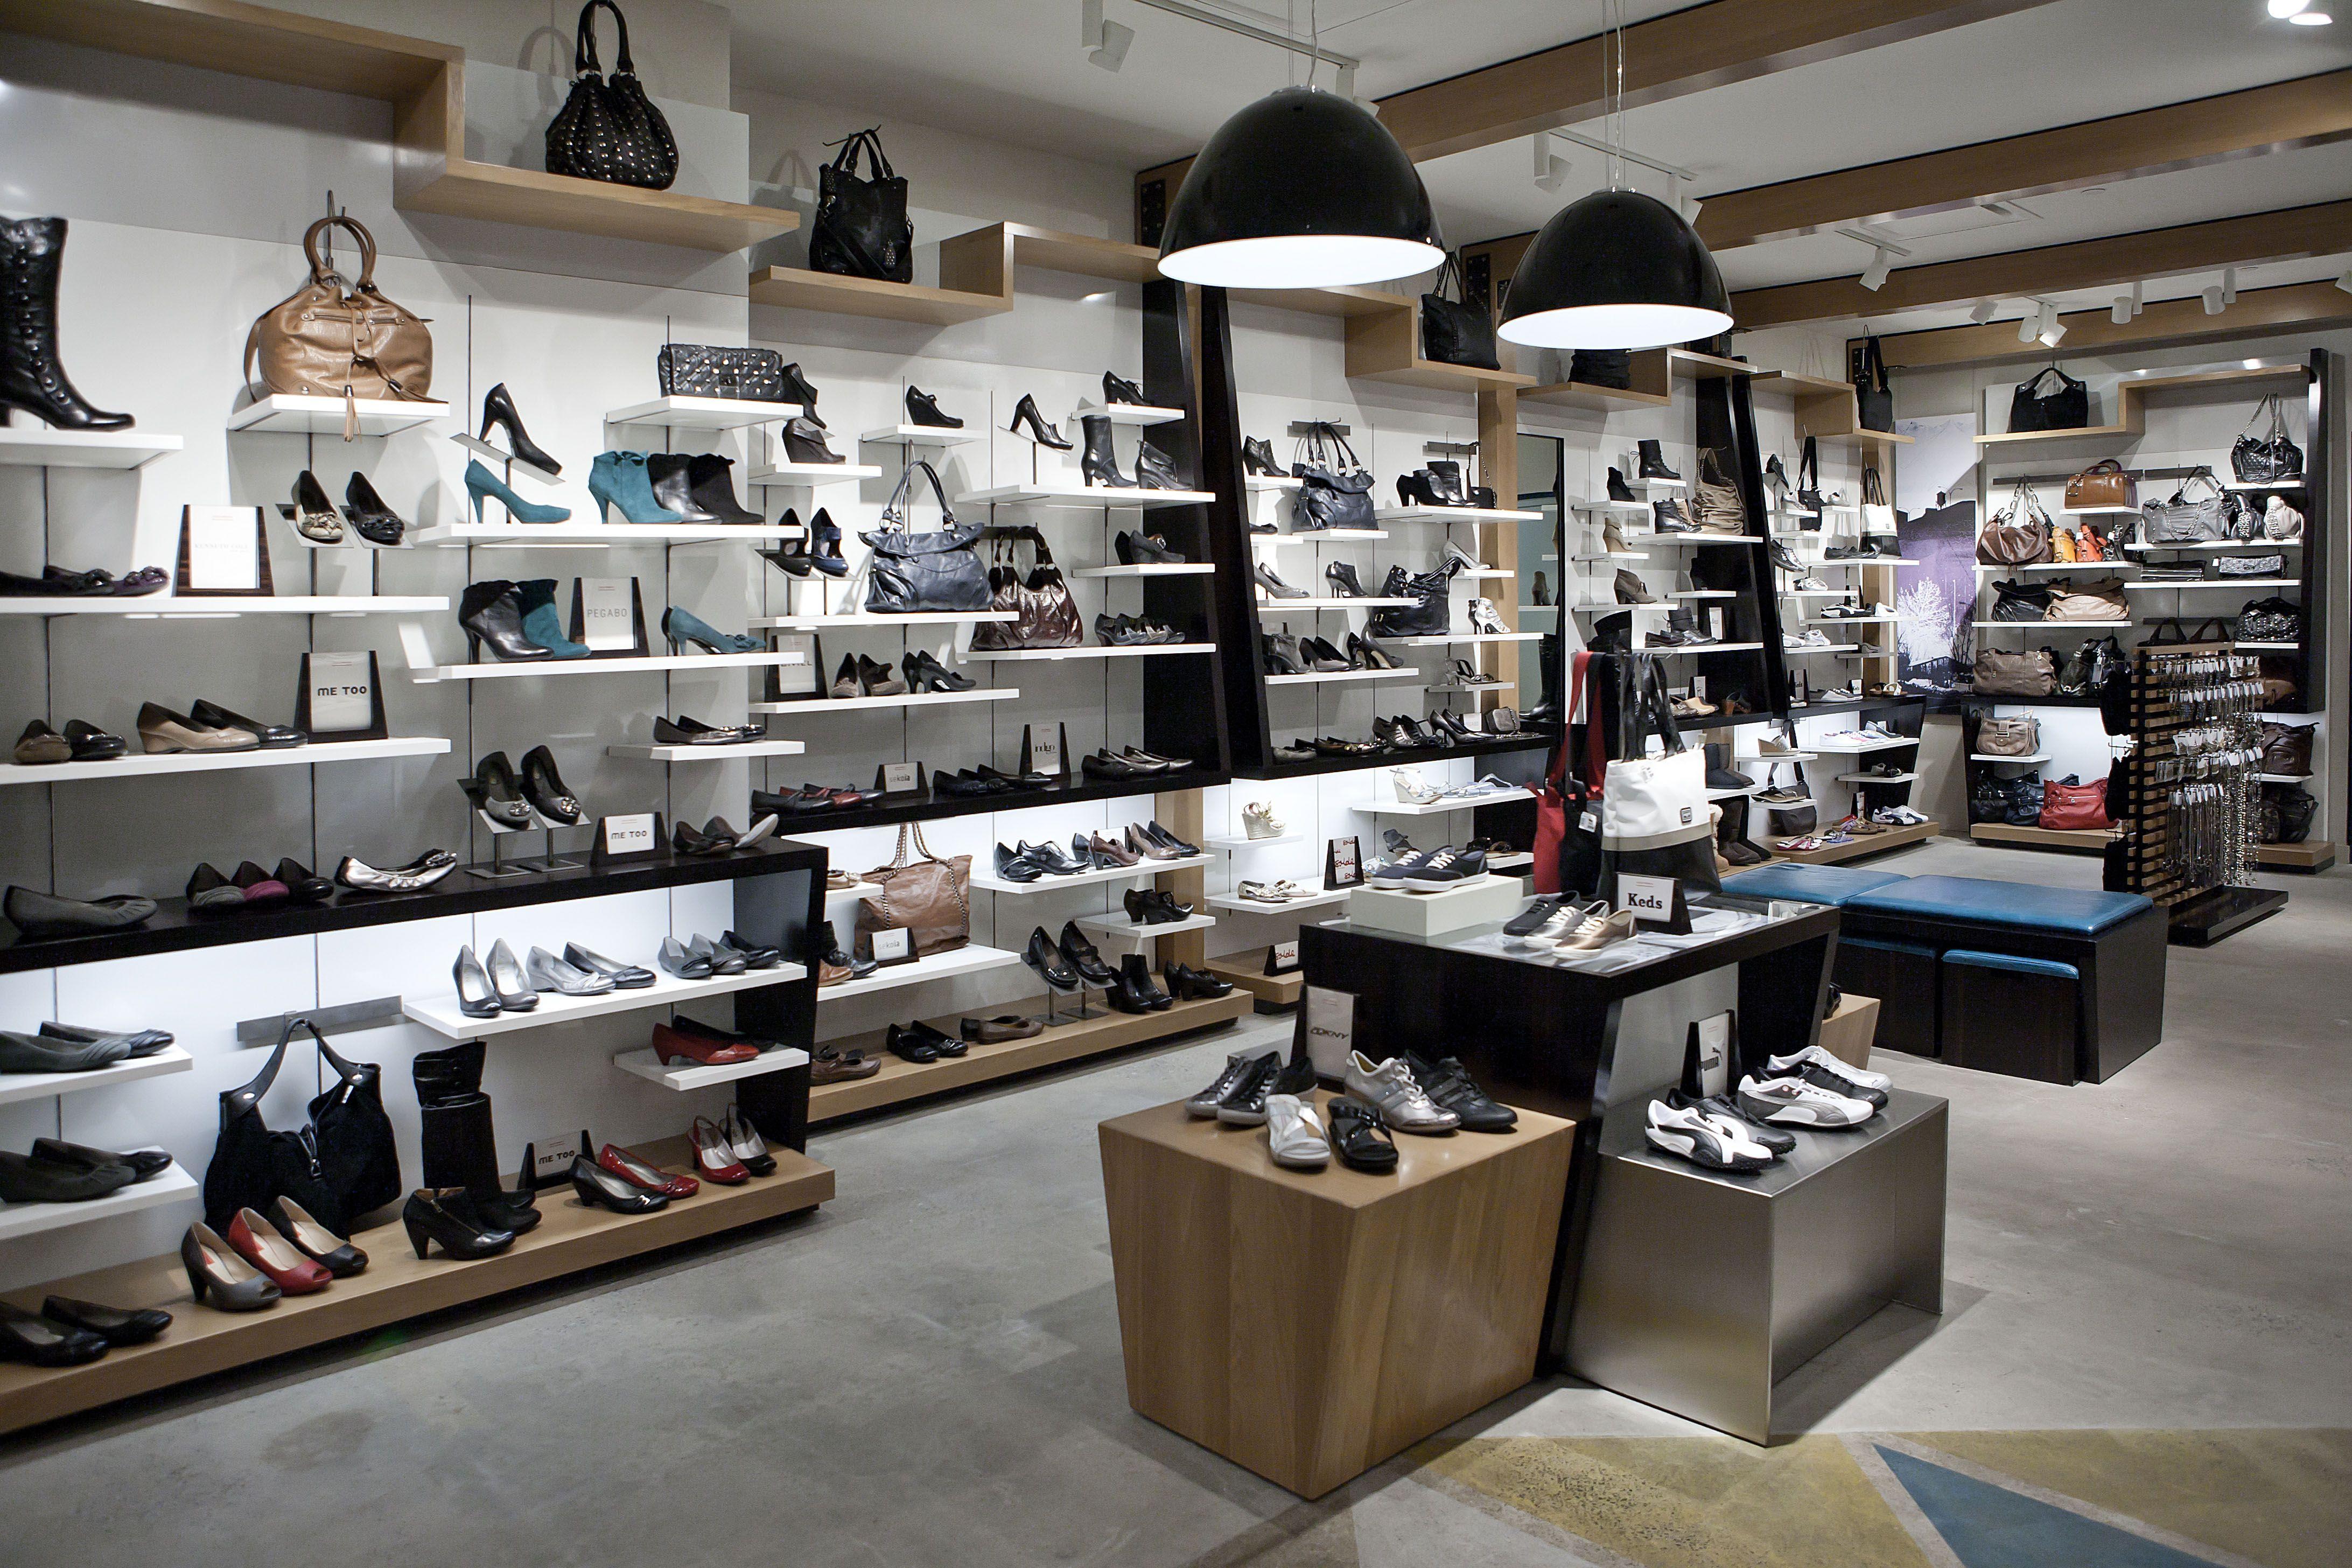 Locale store interior locale naming identity shop for Giorgio aldo interior designs